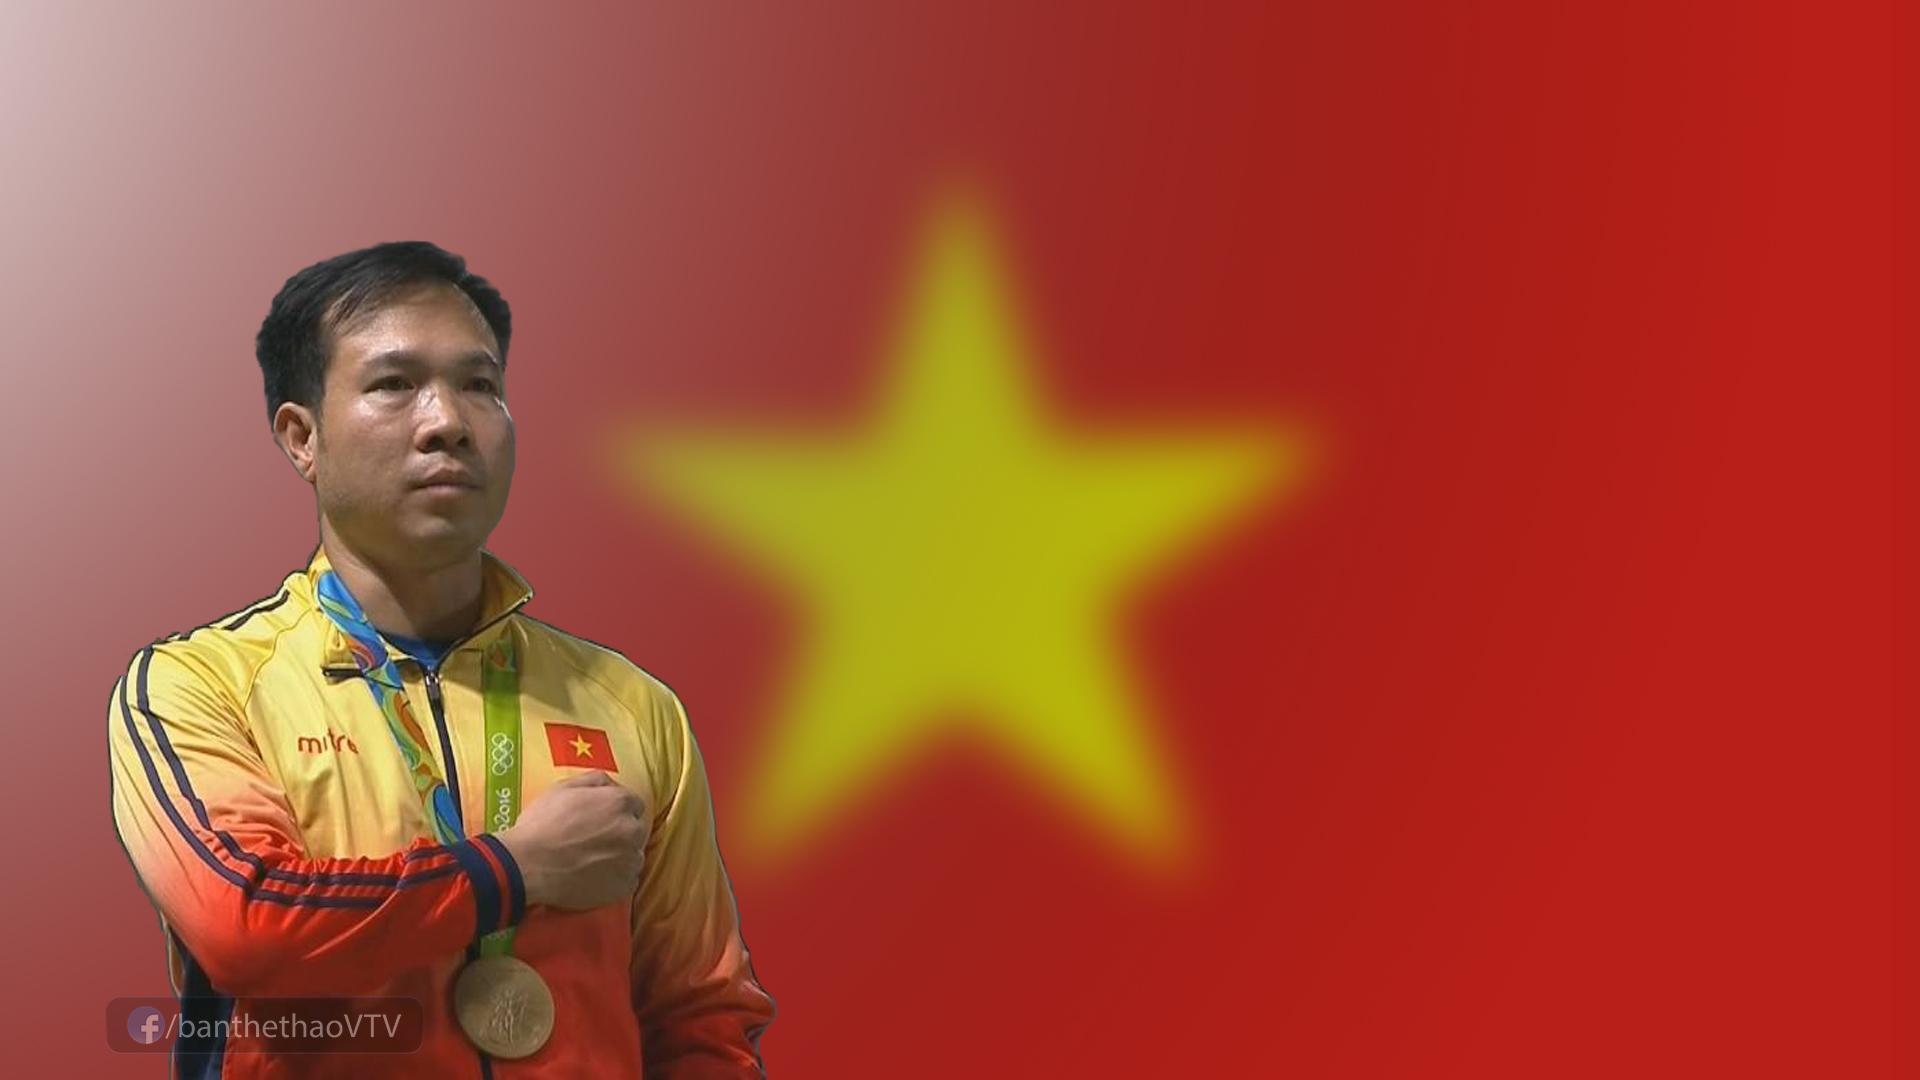 Xuất sắc giành 1 HCV, 1 HCB, xạ thủ Hoàng Xuân Vinh đi vào lịch sử thể thao Việt Nam